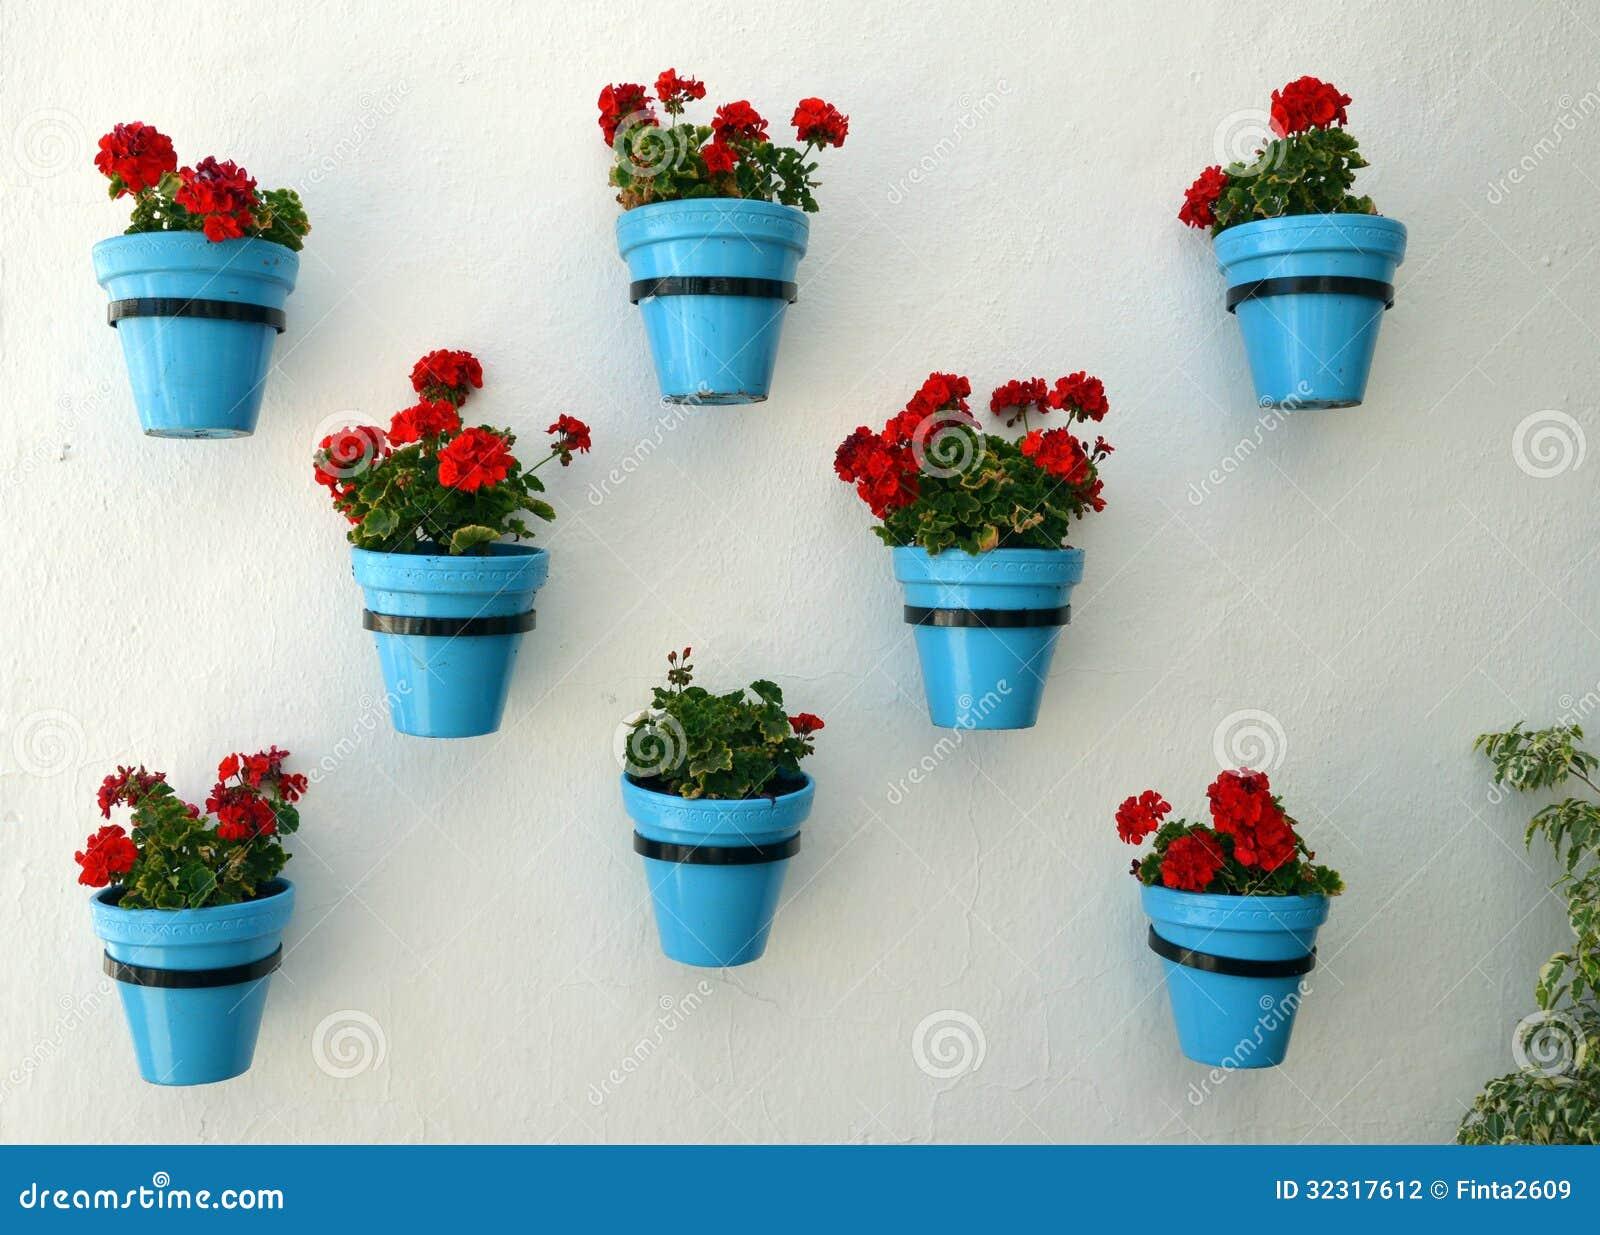 цветы с фото для горшка на улице